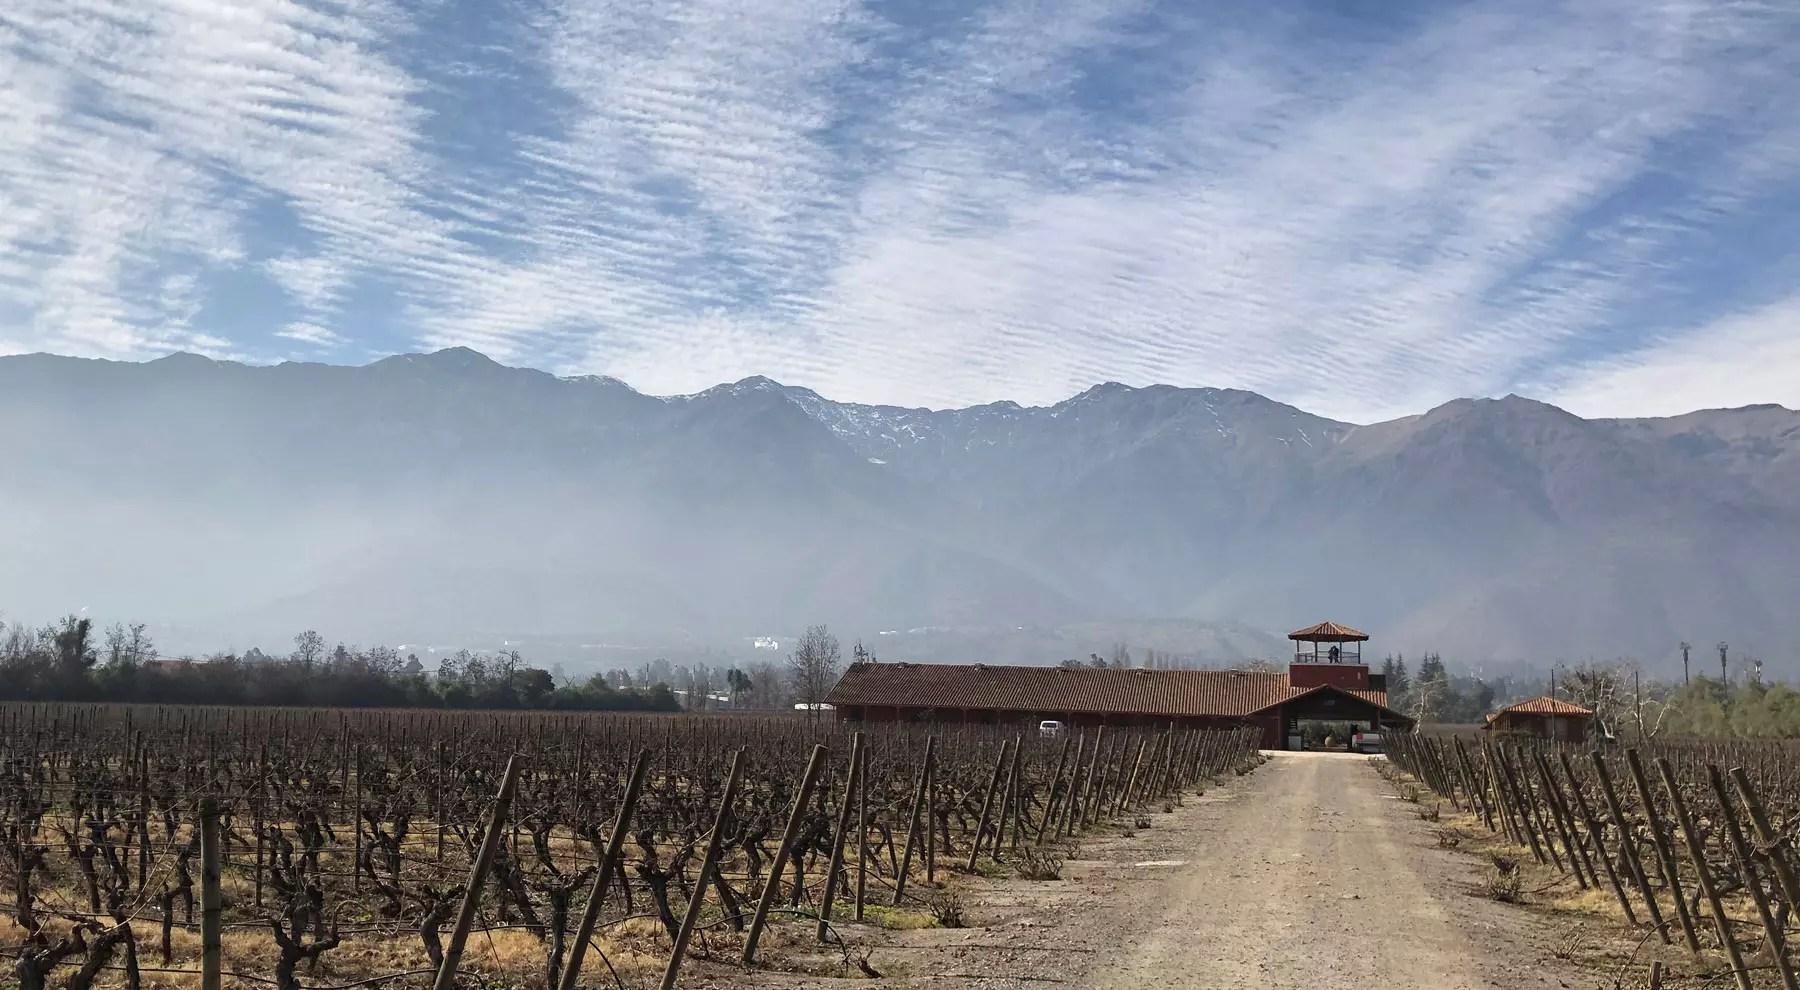 vinícolas próximas de Santiago do Chile